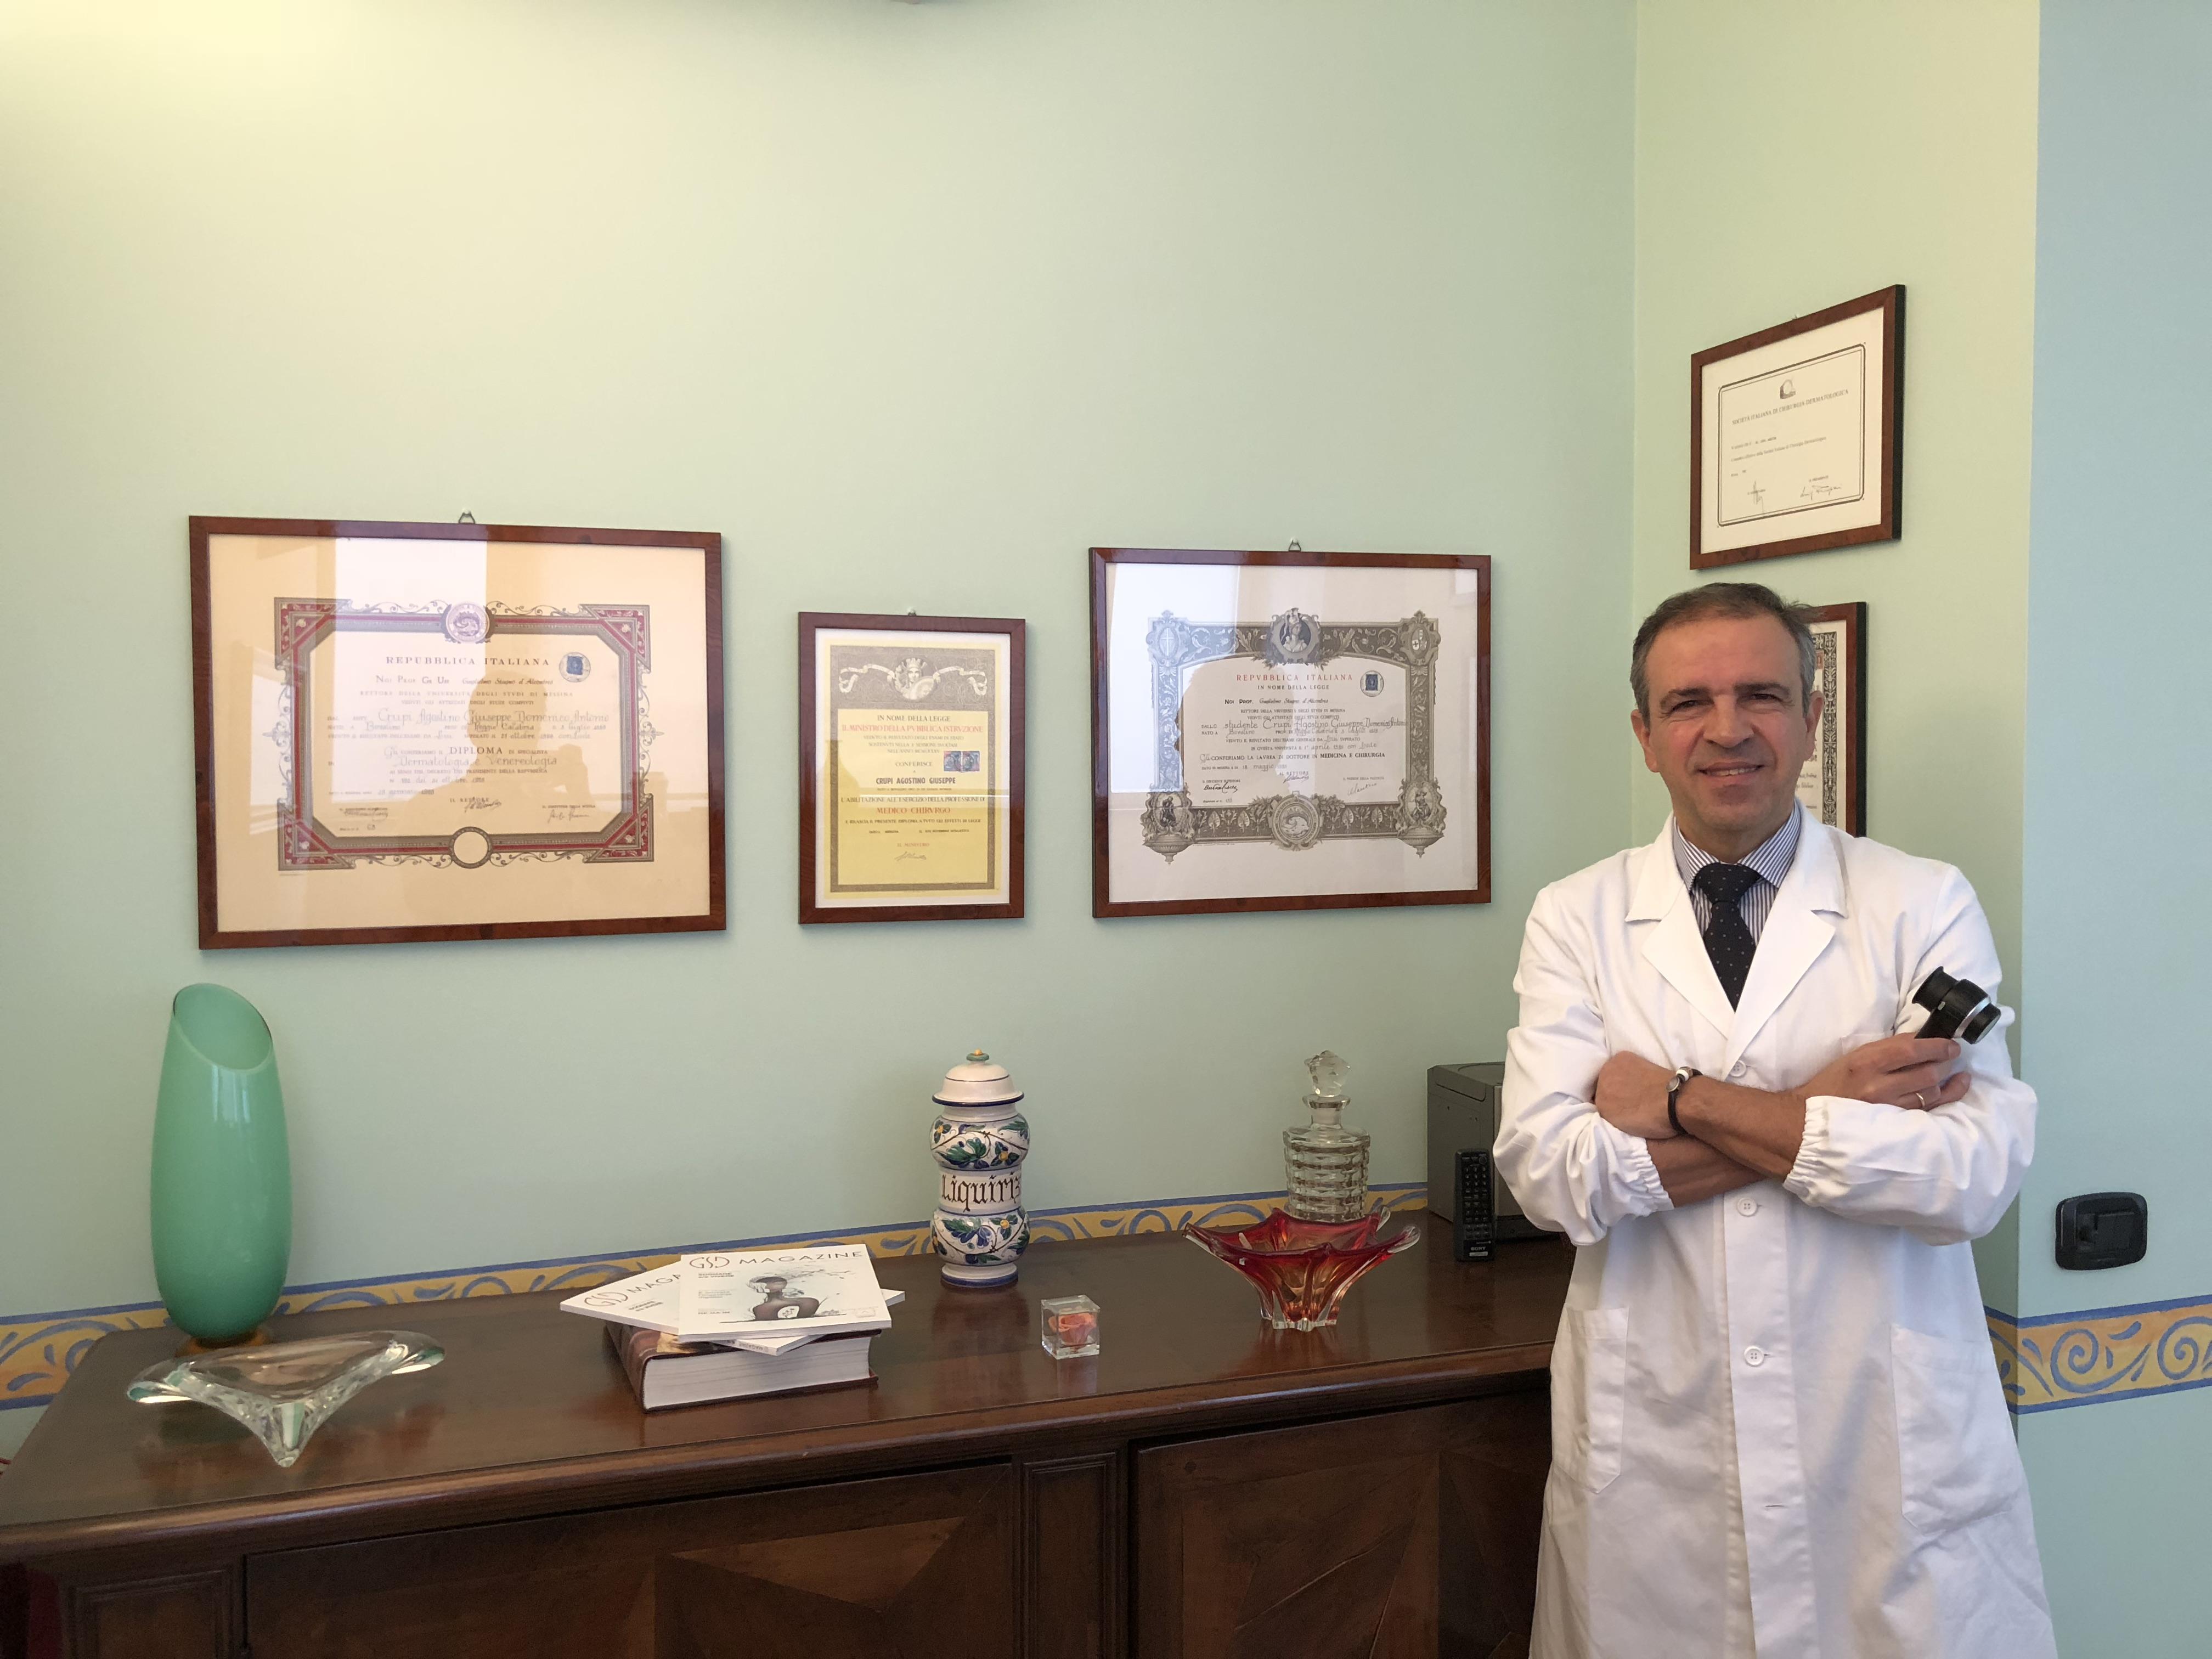 Informazioni dermatologo crupi agostino